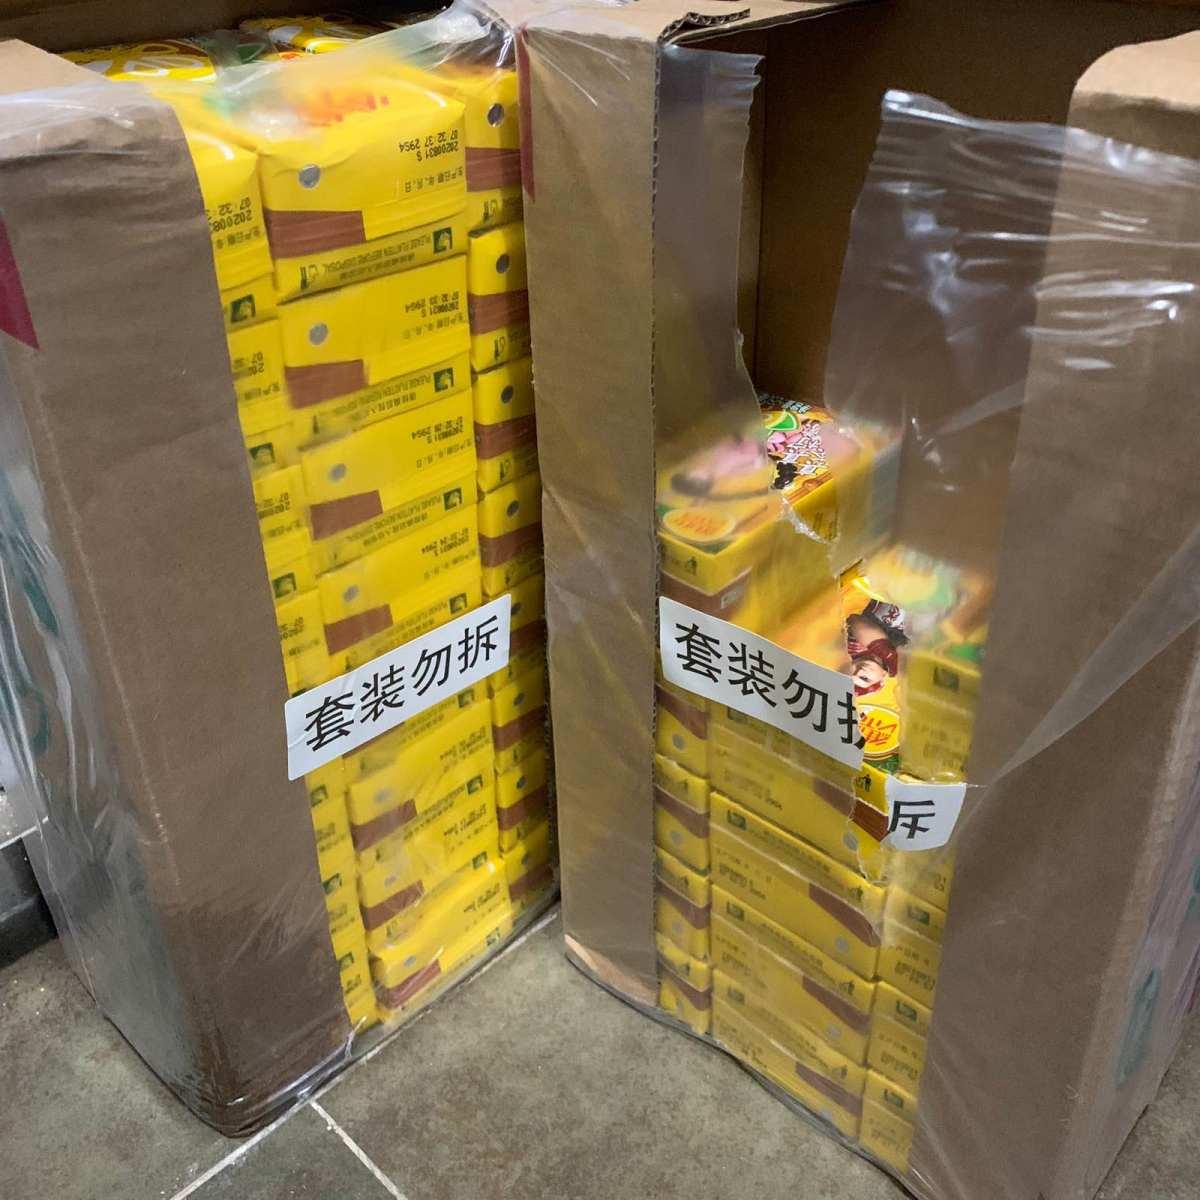 维他柠檬茶  ✨这次双11,天猫超市好多东西都特别便宜,不仅